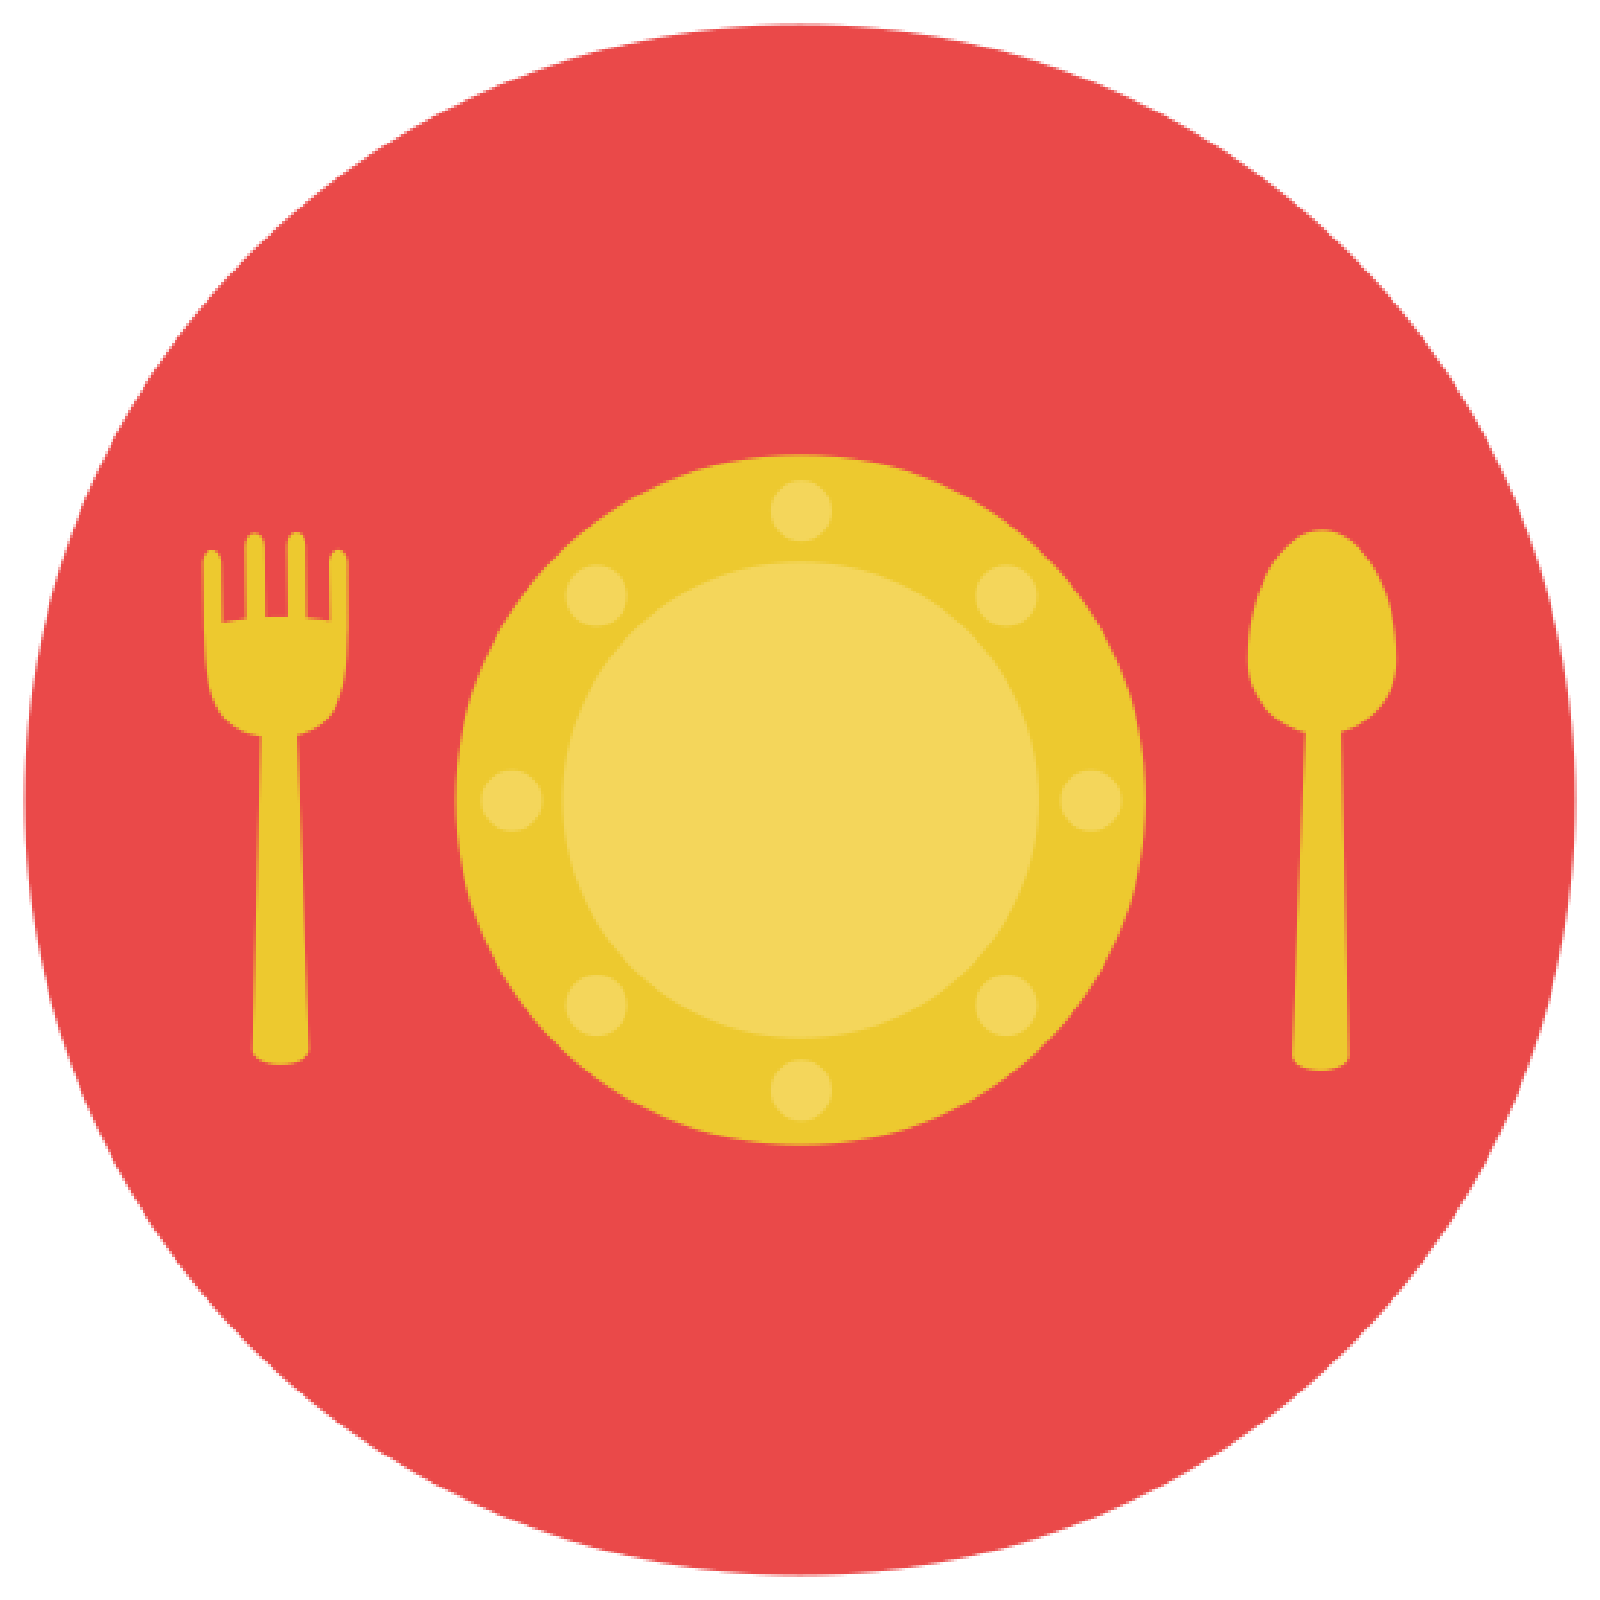 Zastawa stołowa icon